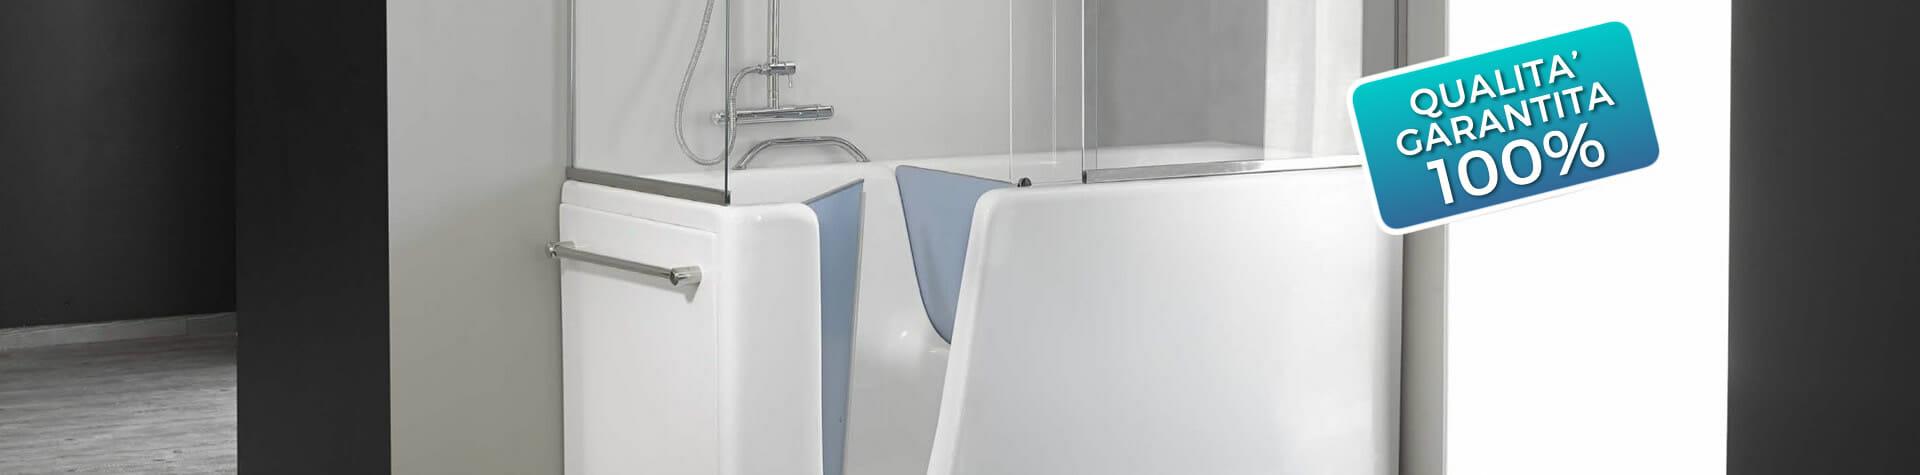 Mezza Vasca Con Box Doccia.Vasca Con Cabina Doccia Fresco Bagno Designs Mezza Vasca Con Box